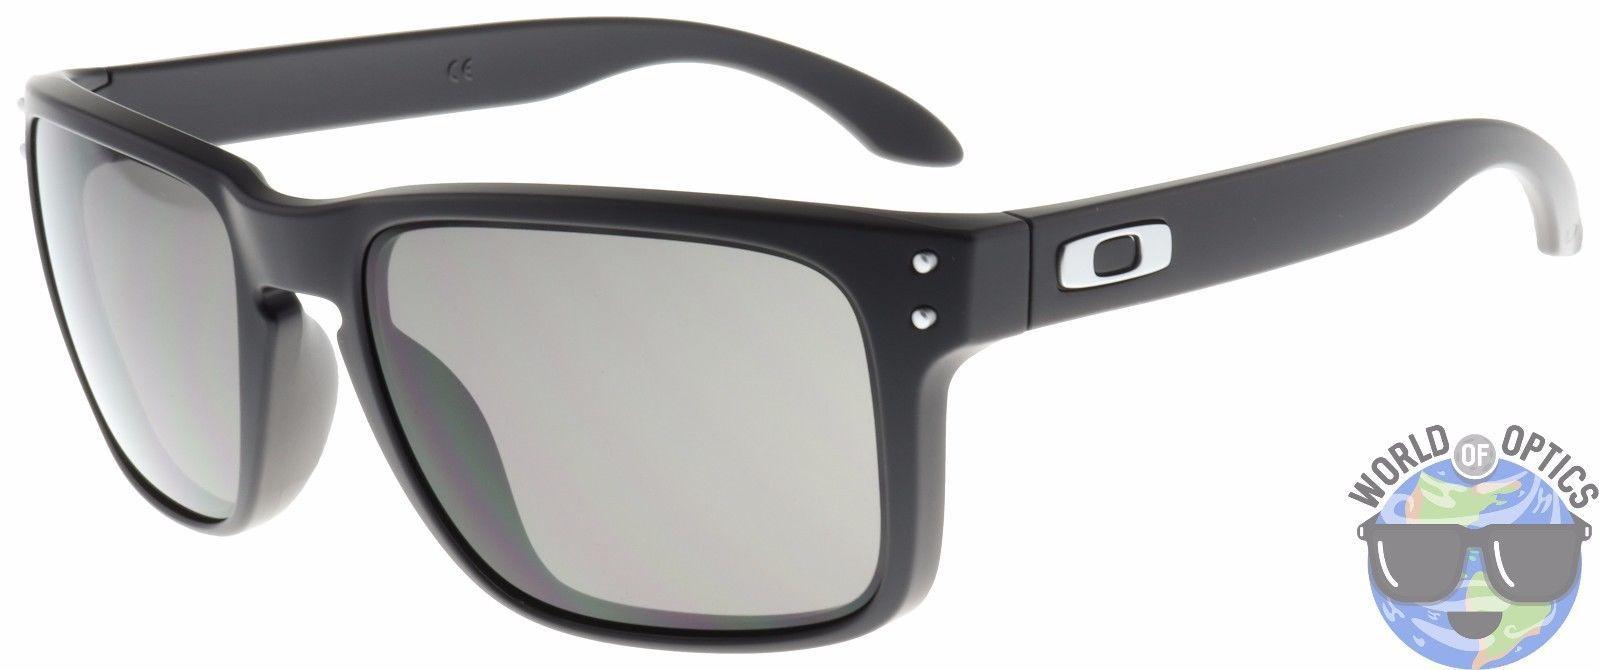 Oakley Holbrook Matte Black Lens Warm Grey Schwarz Yl4CCbmGR5